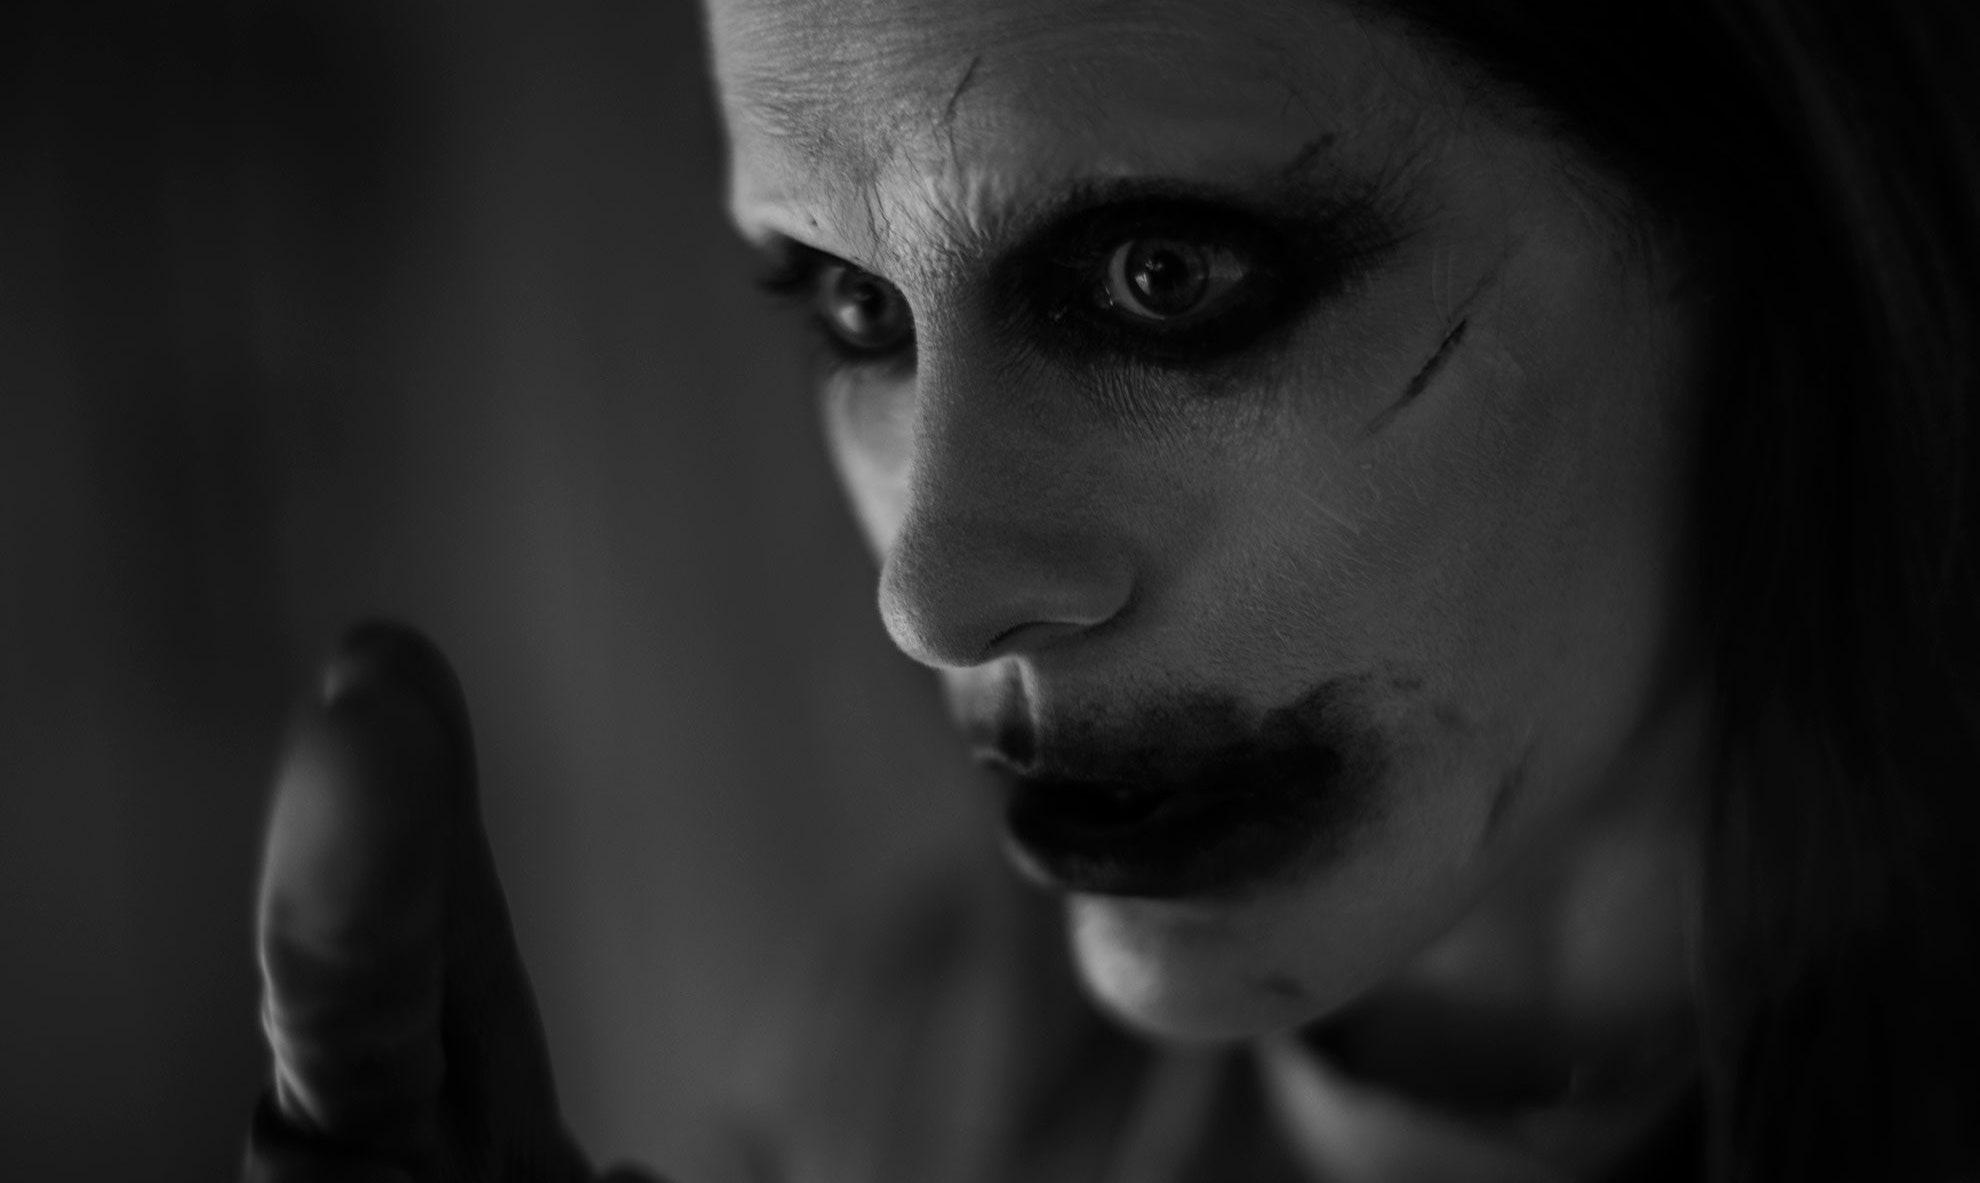 Impacta Jared Leto como Joker para el Snyder cut de 'La liga de la justicia'